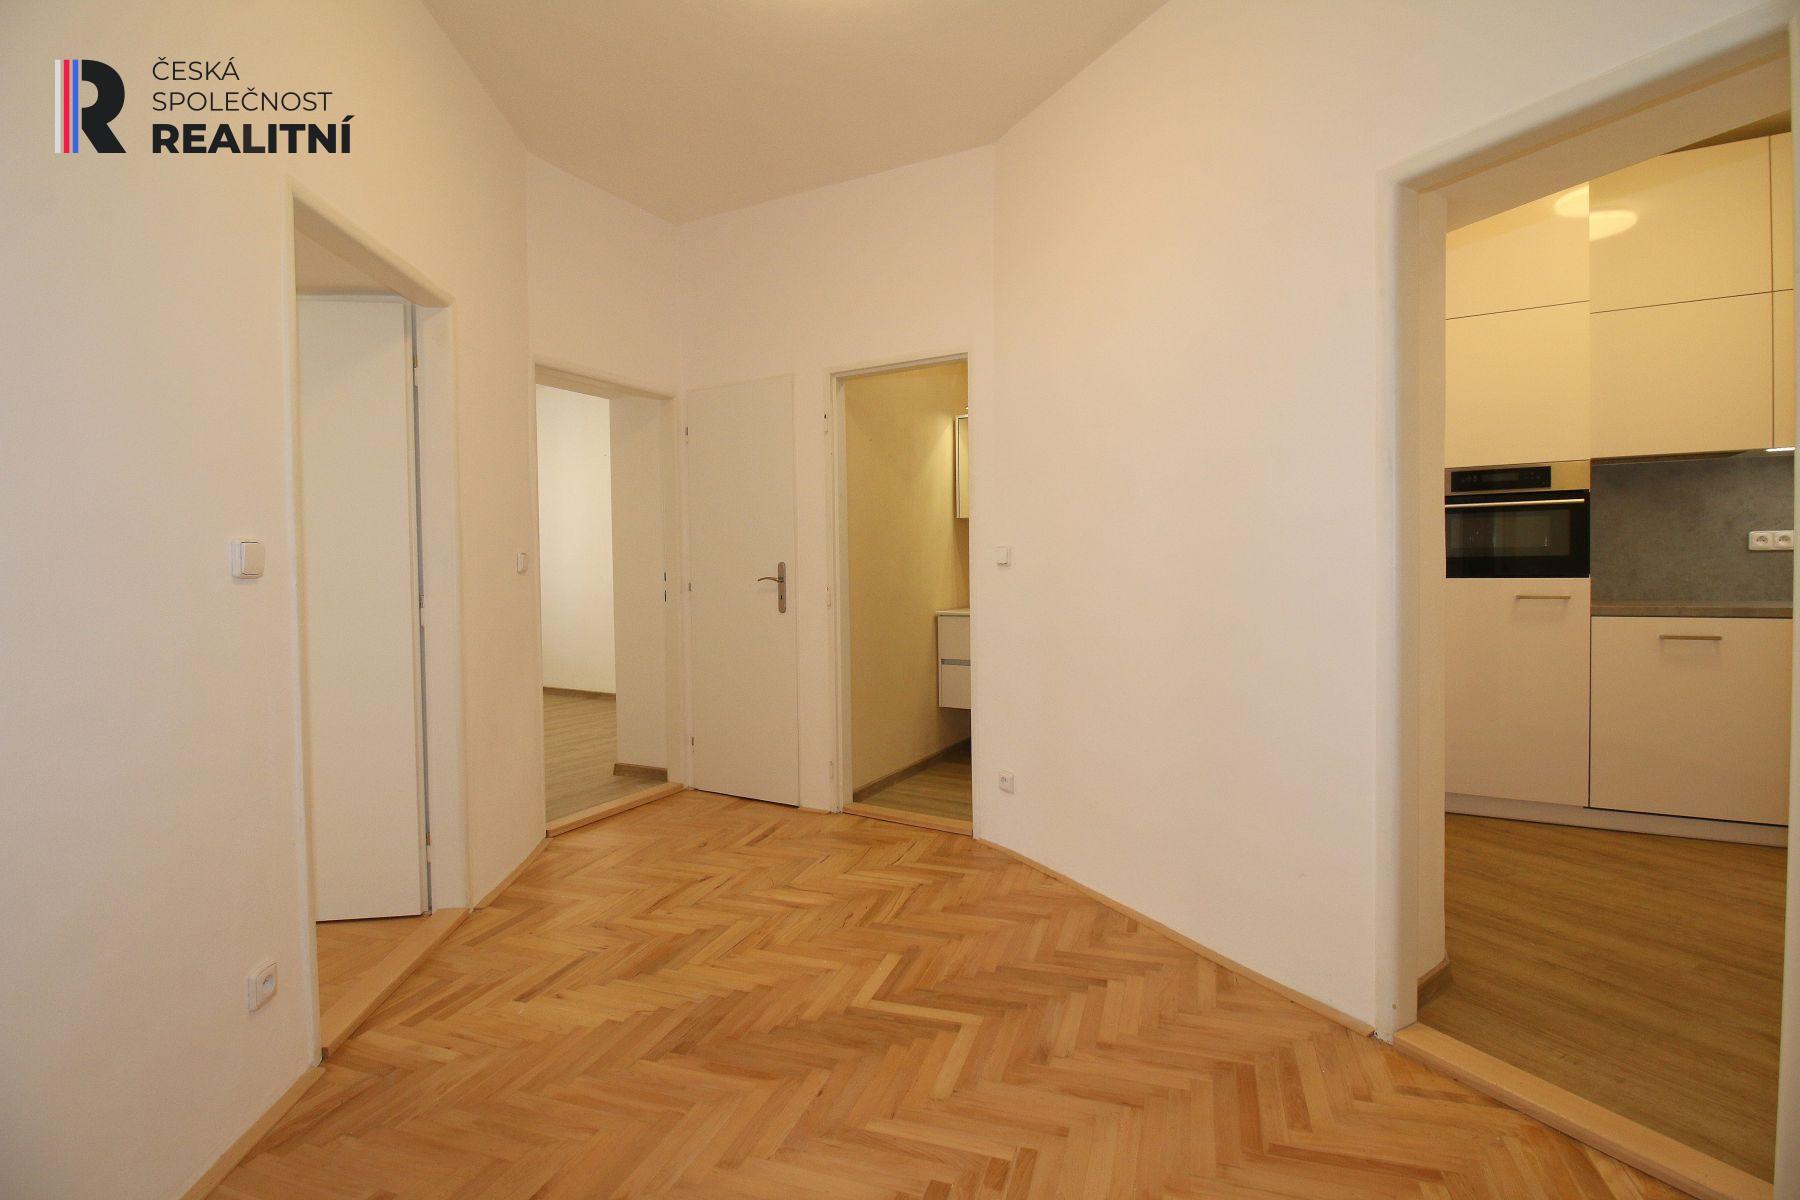 Prodej bytu 3+1, 69 m2, Jugoslávská, Brno Černá Pole